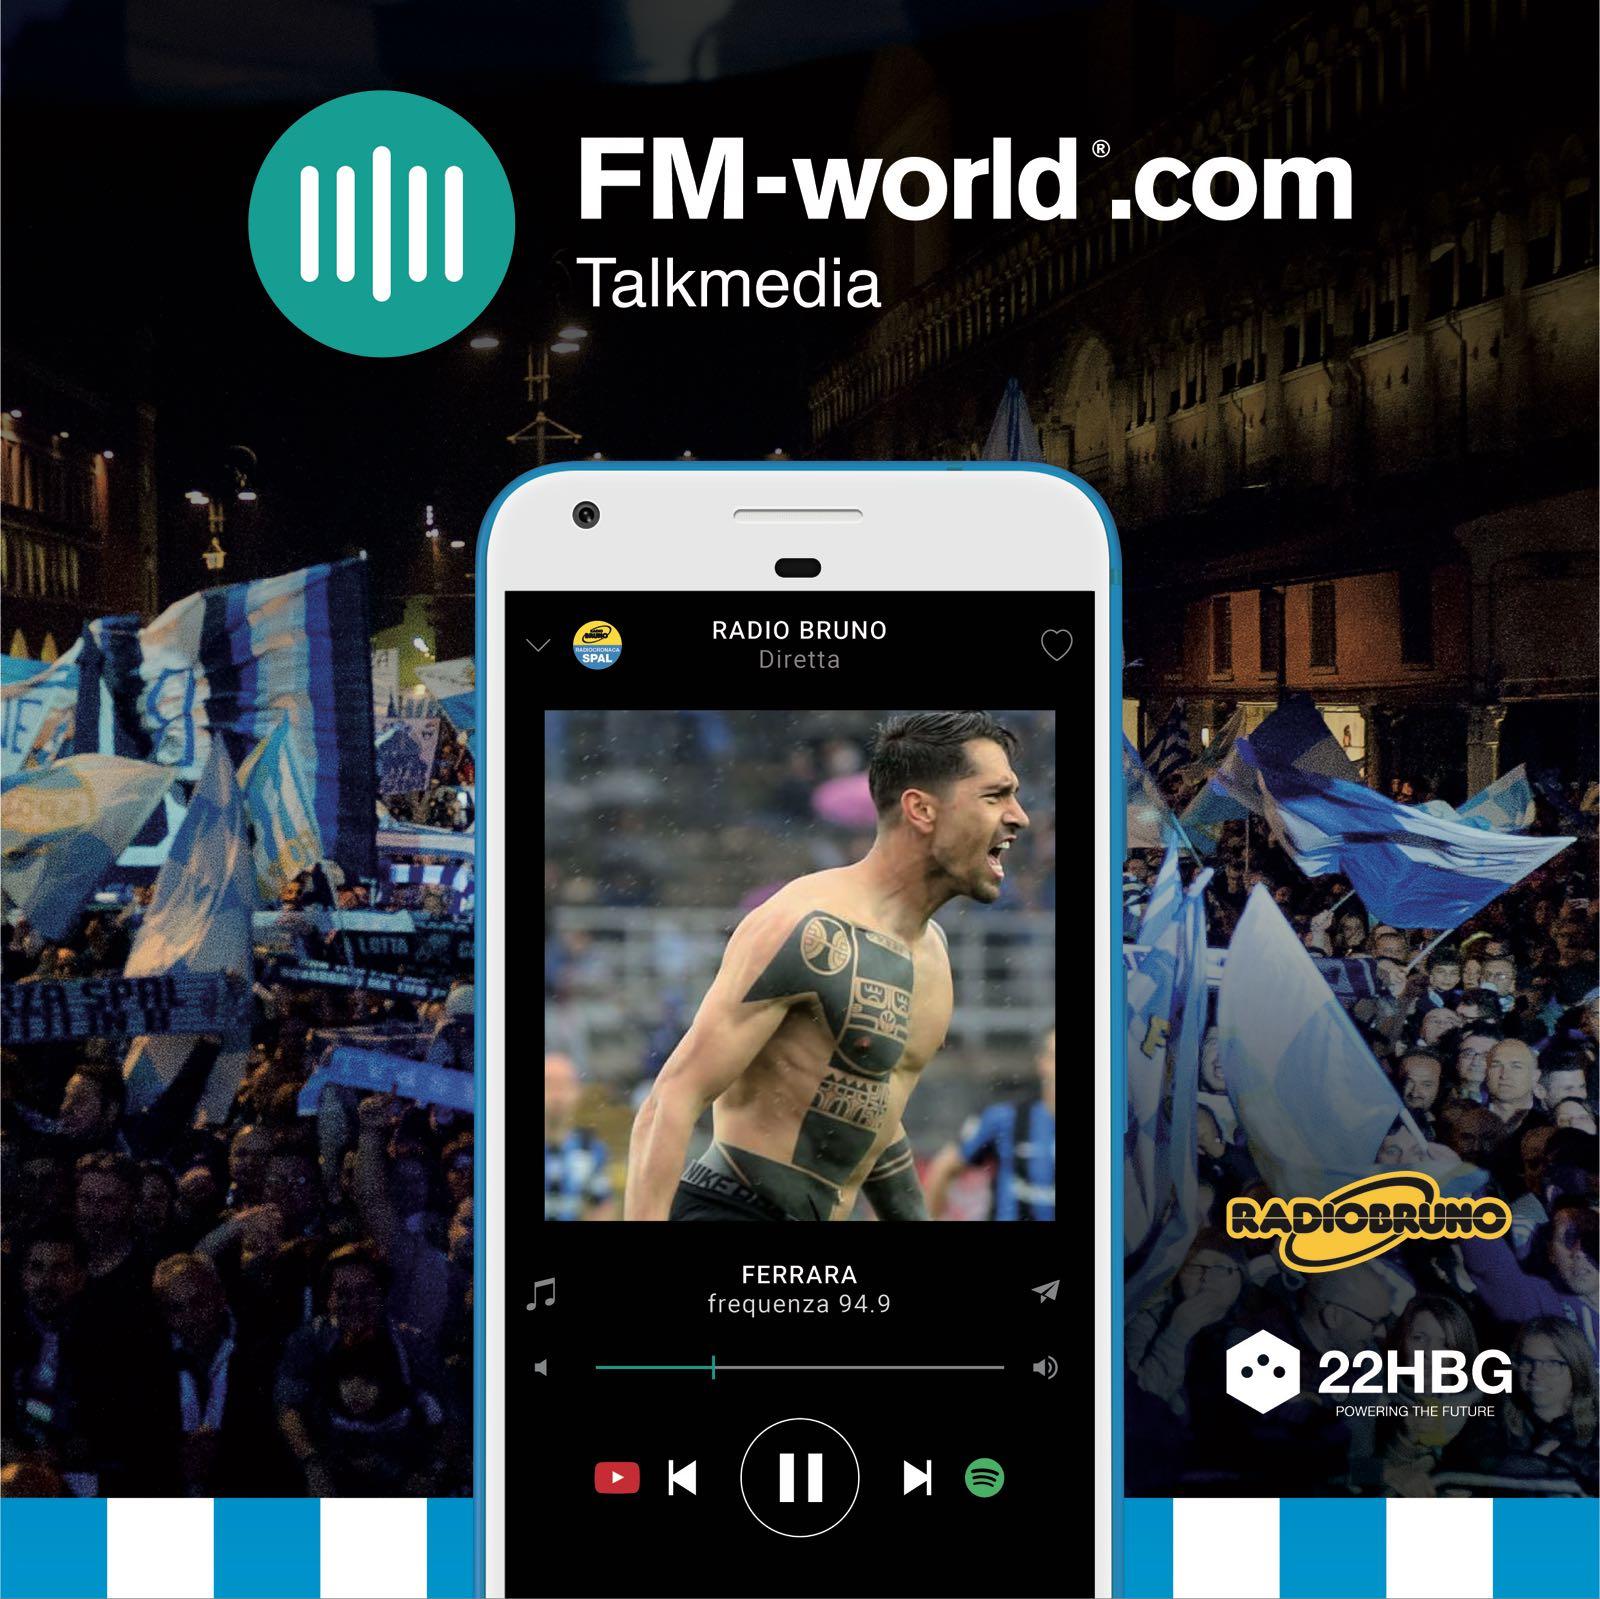 FM World 4 - Radio digitale. Per la prima volta un aggregatore italiano propone un evento in esclusiva. Il futuro fa ingresso in Italia